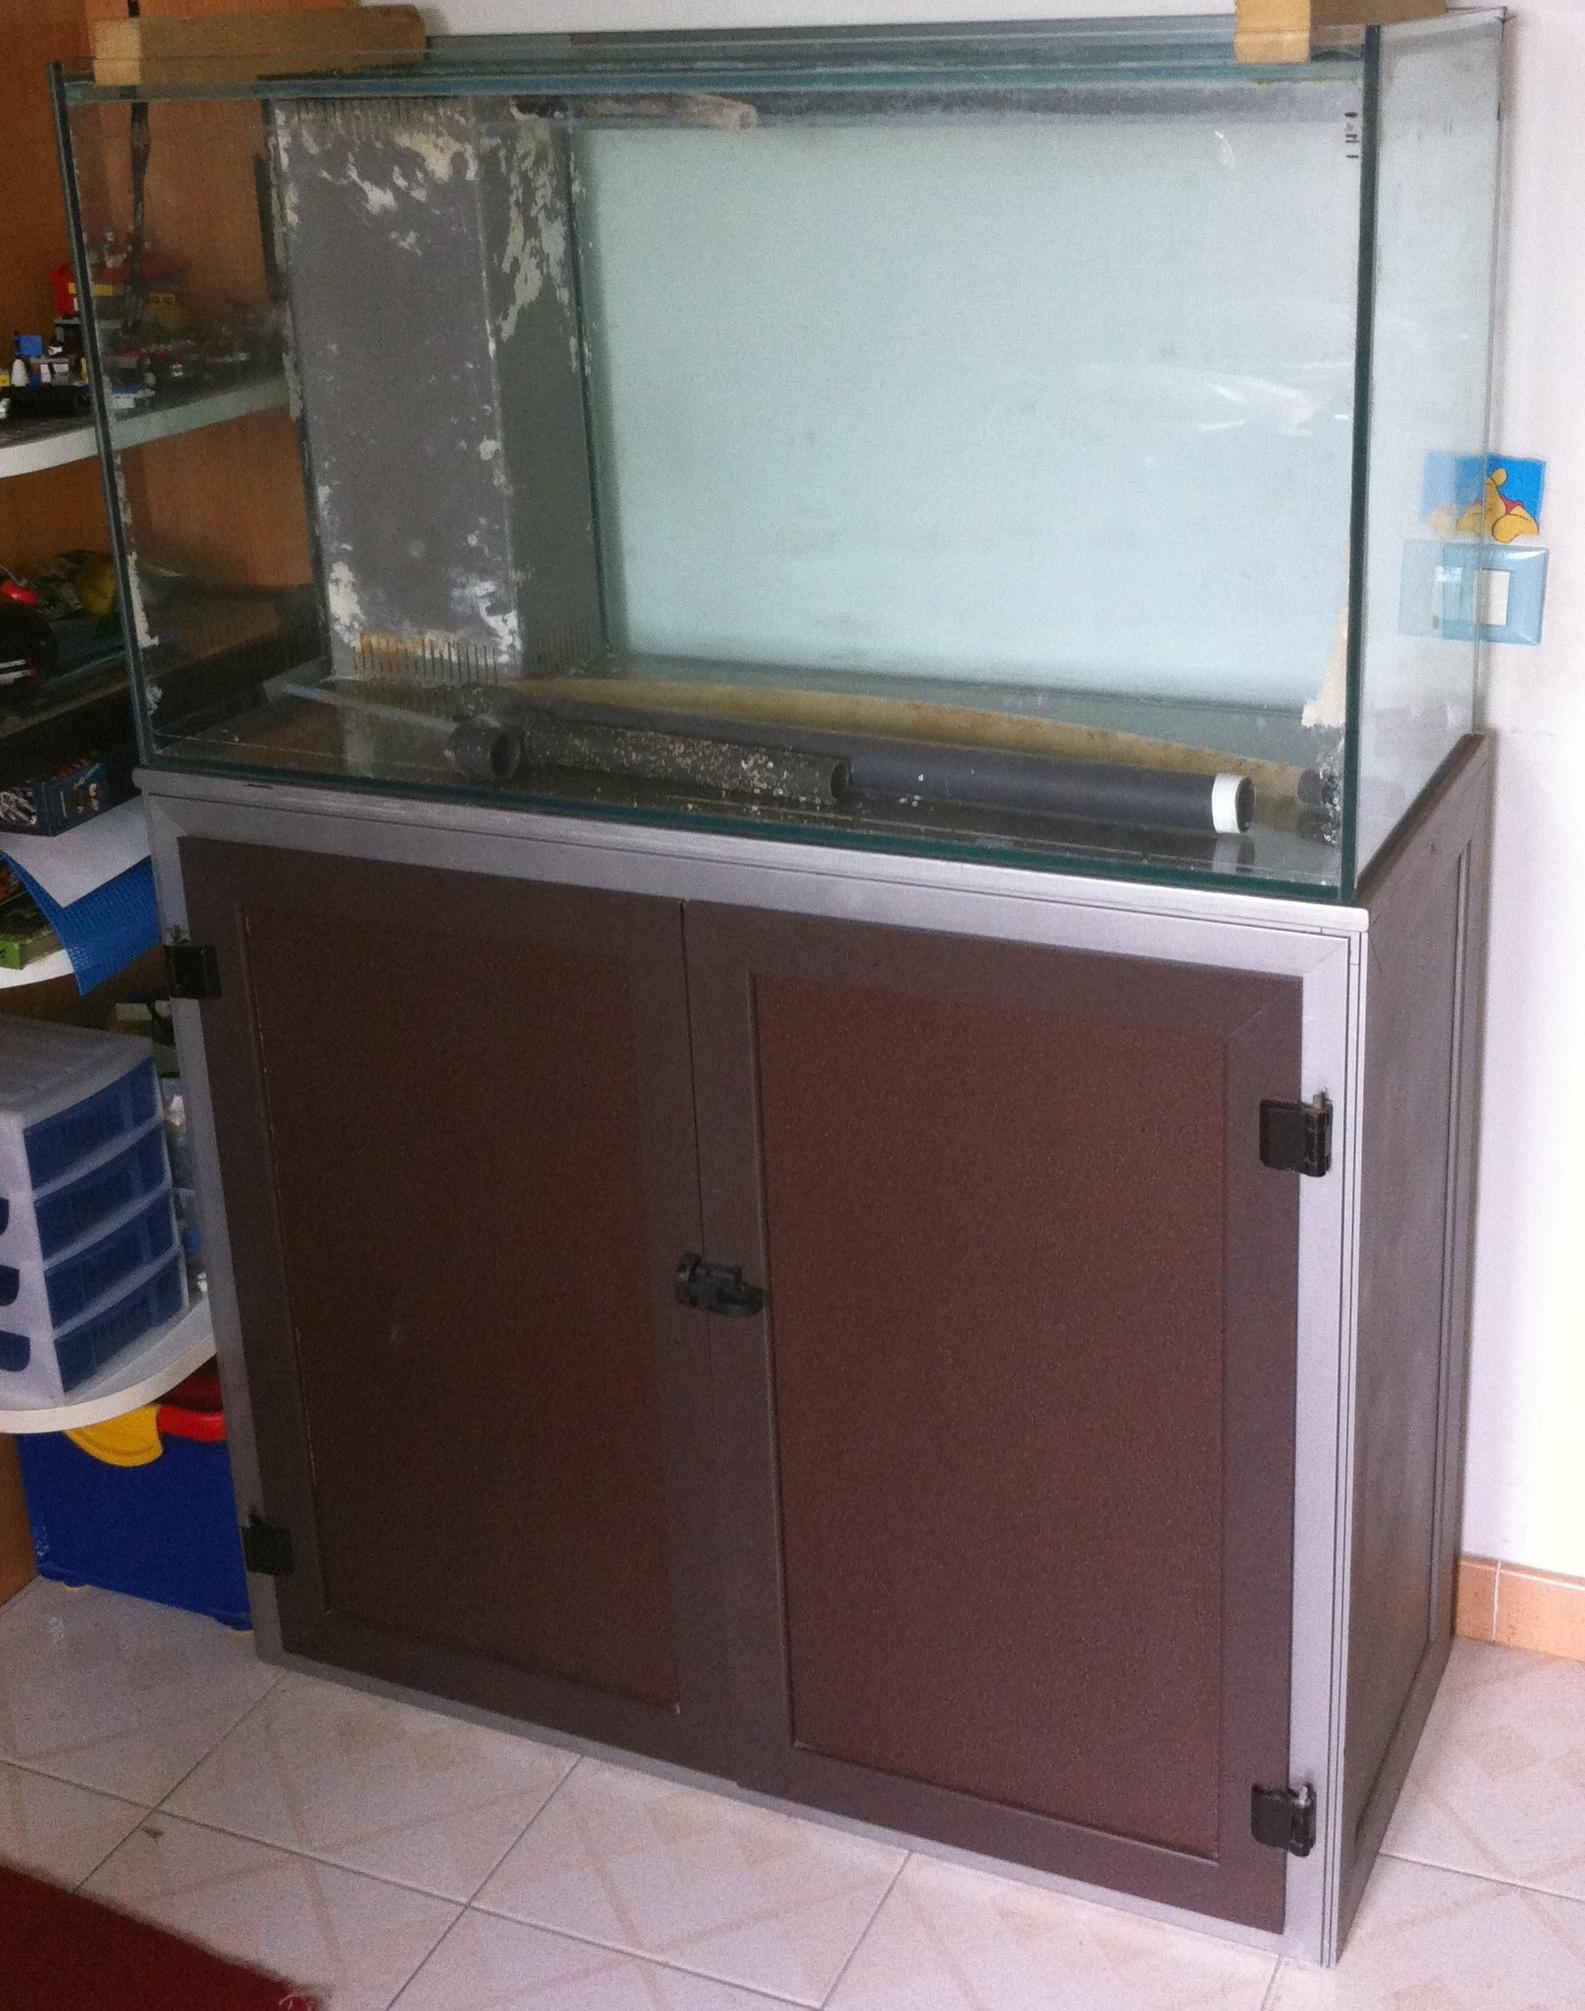 Finestre antisfondamento mobile acquario usato for Mobile per acquario